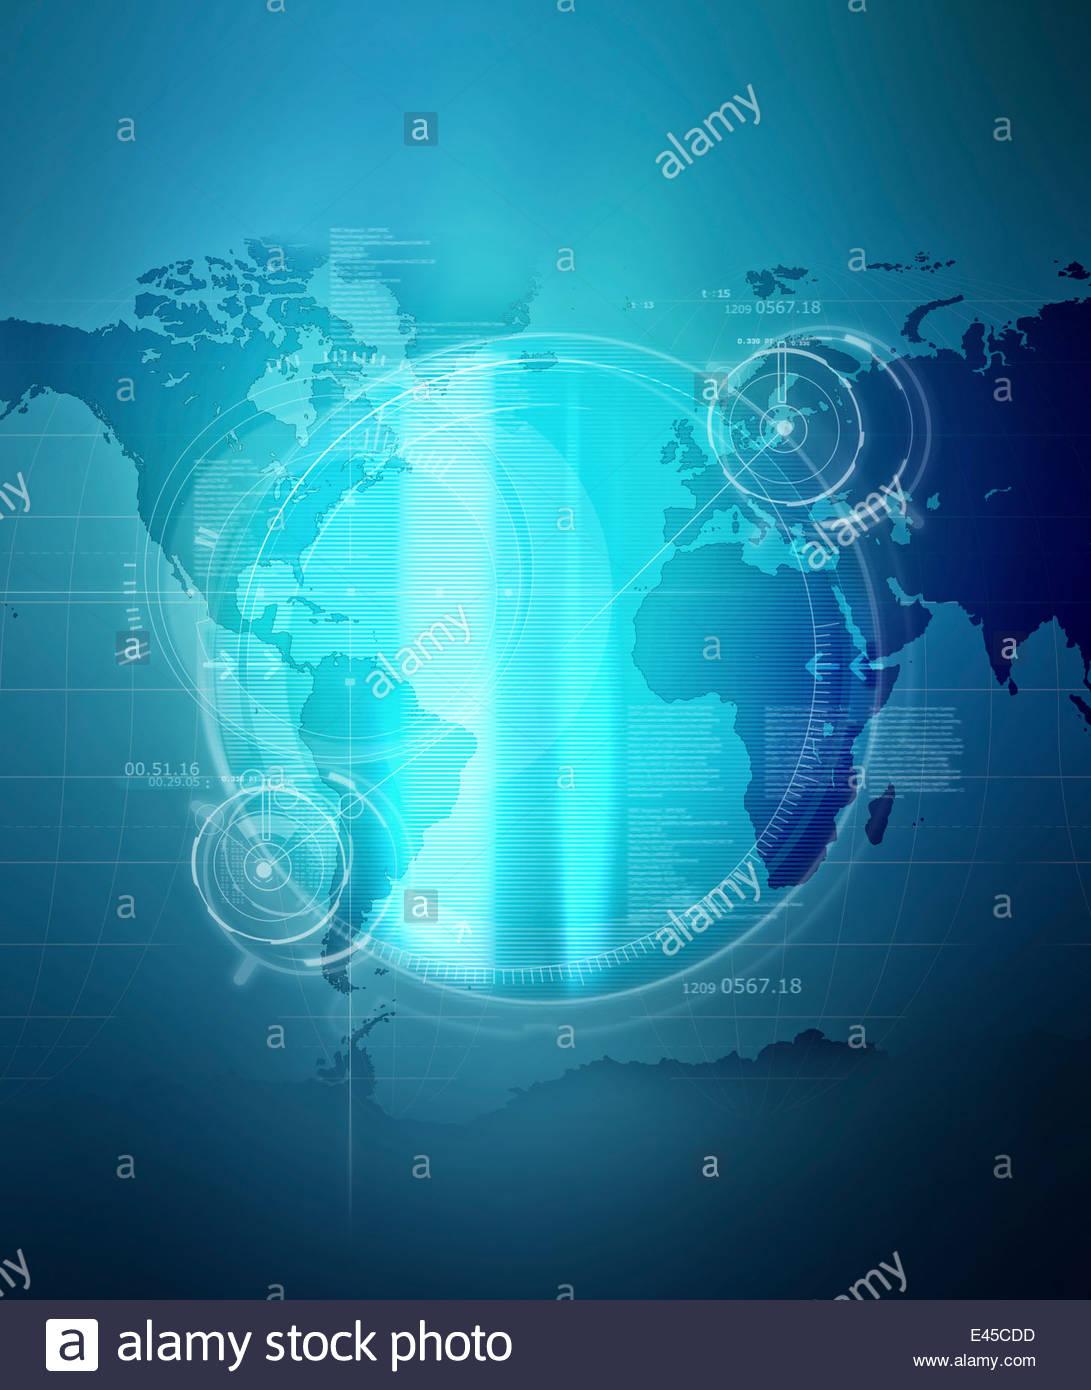 Gli obiettivi di illuminato e di dati su Blu mappa mondiale Immagini Stock